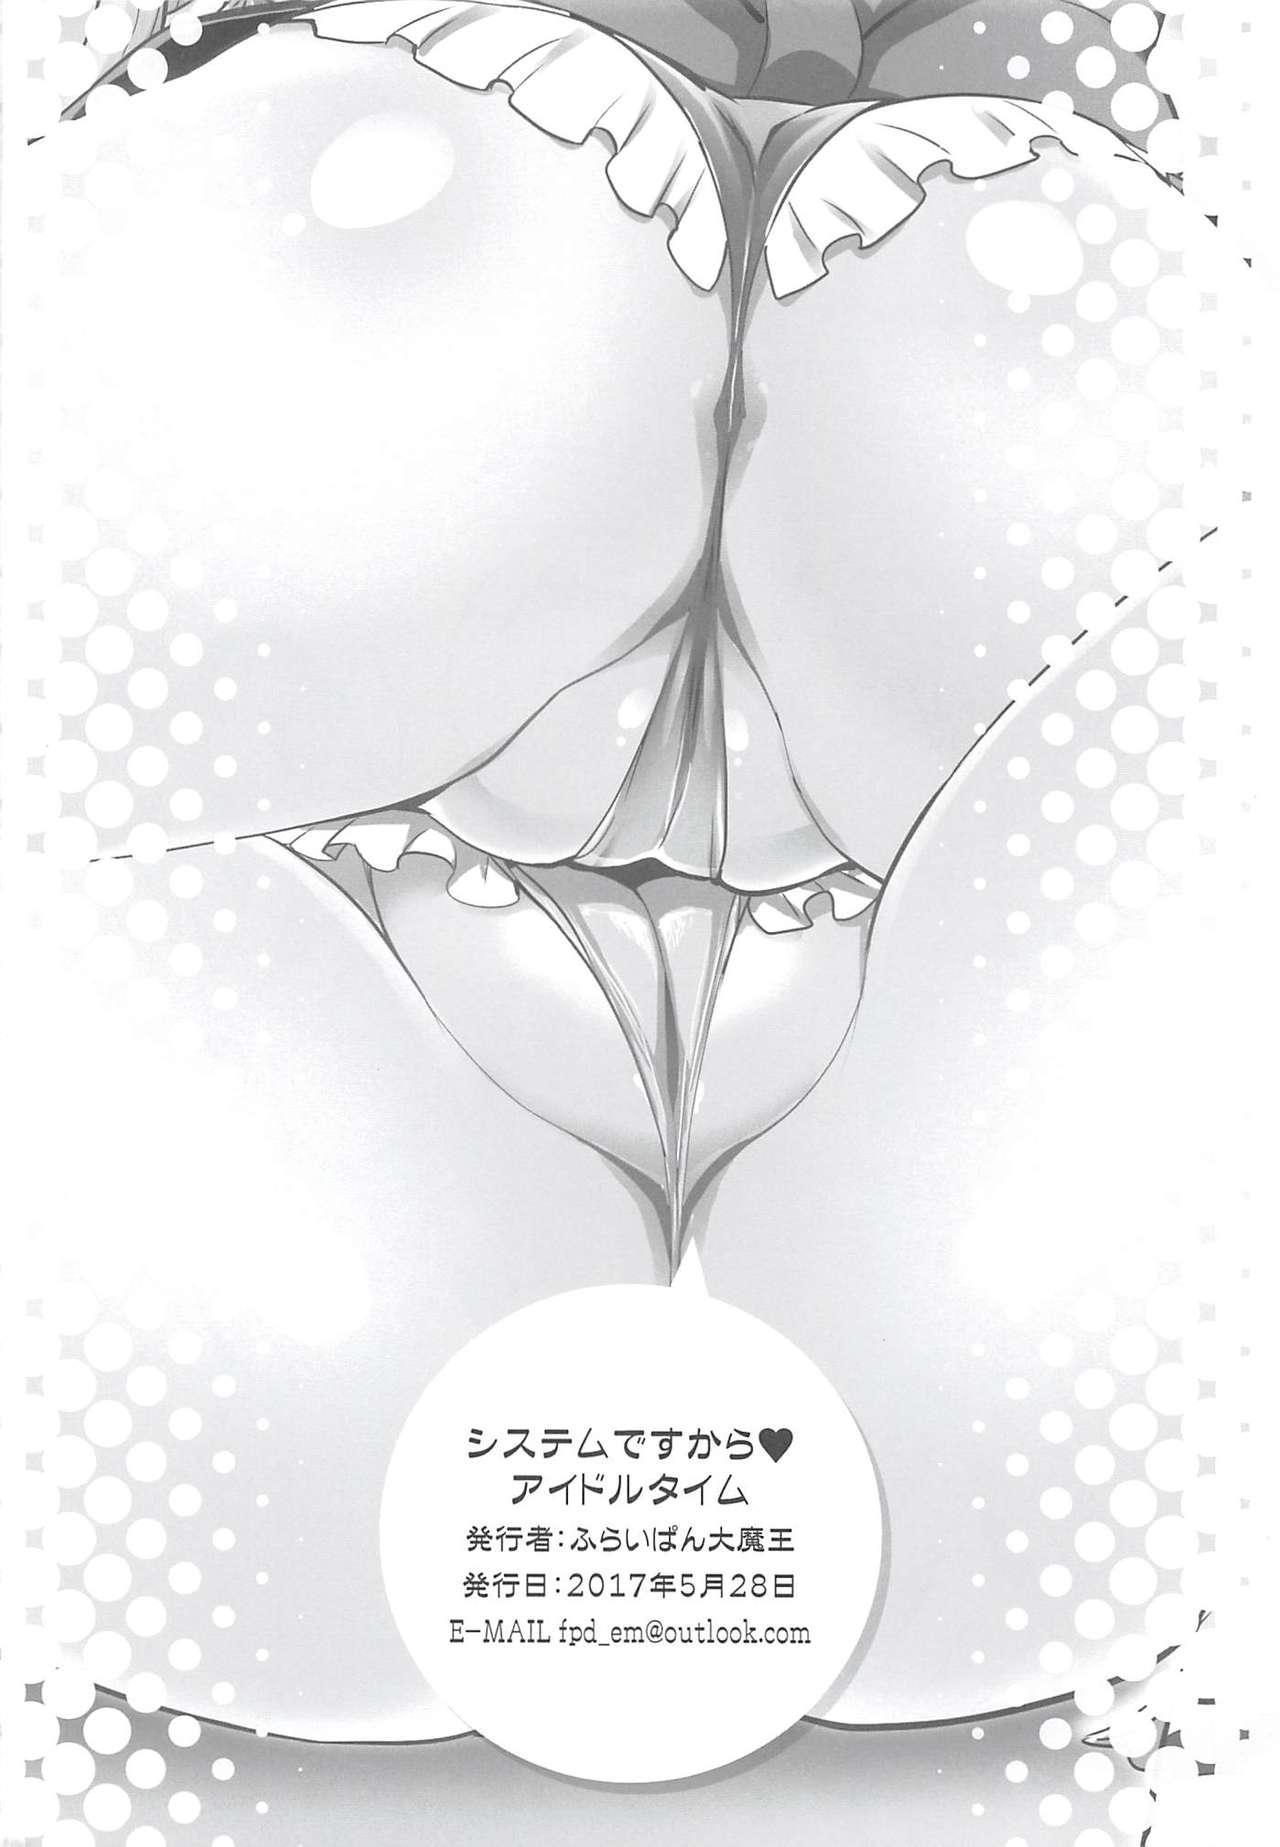 System Desukara Idol Time 16